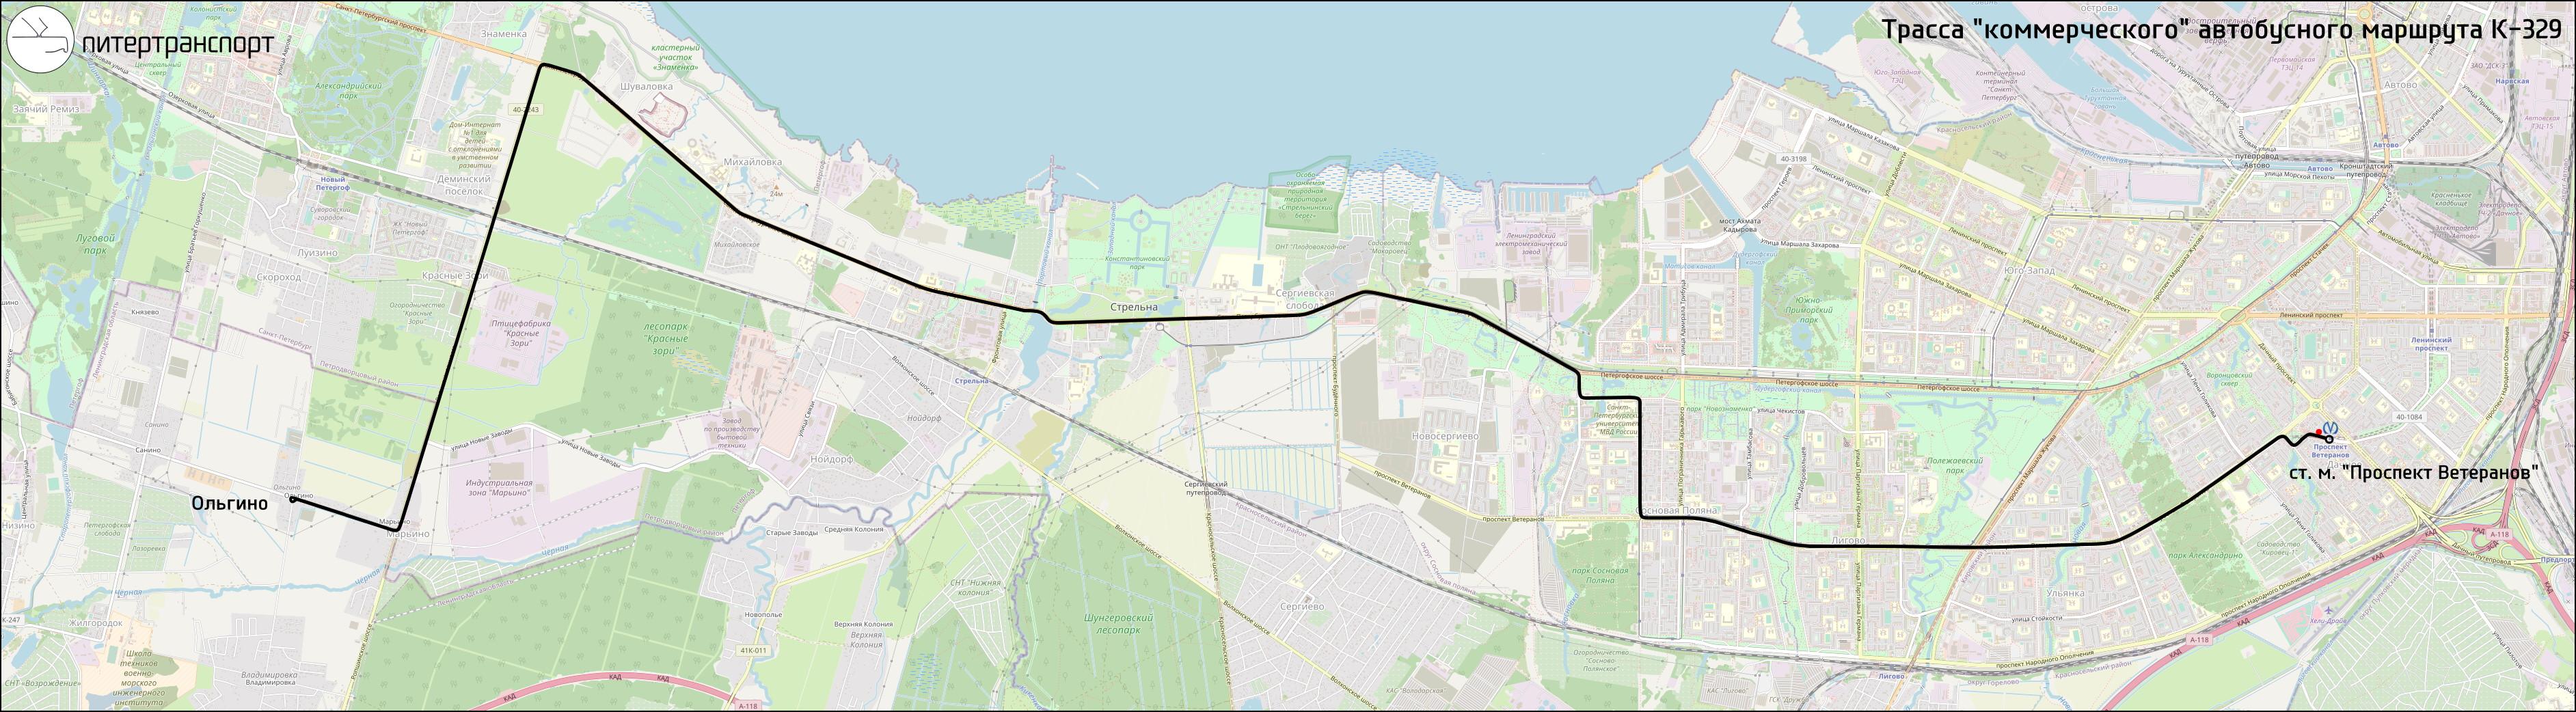 Схема проезда ольгино